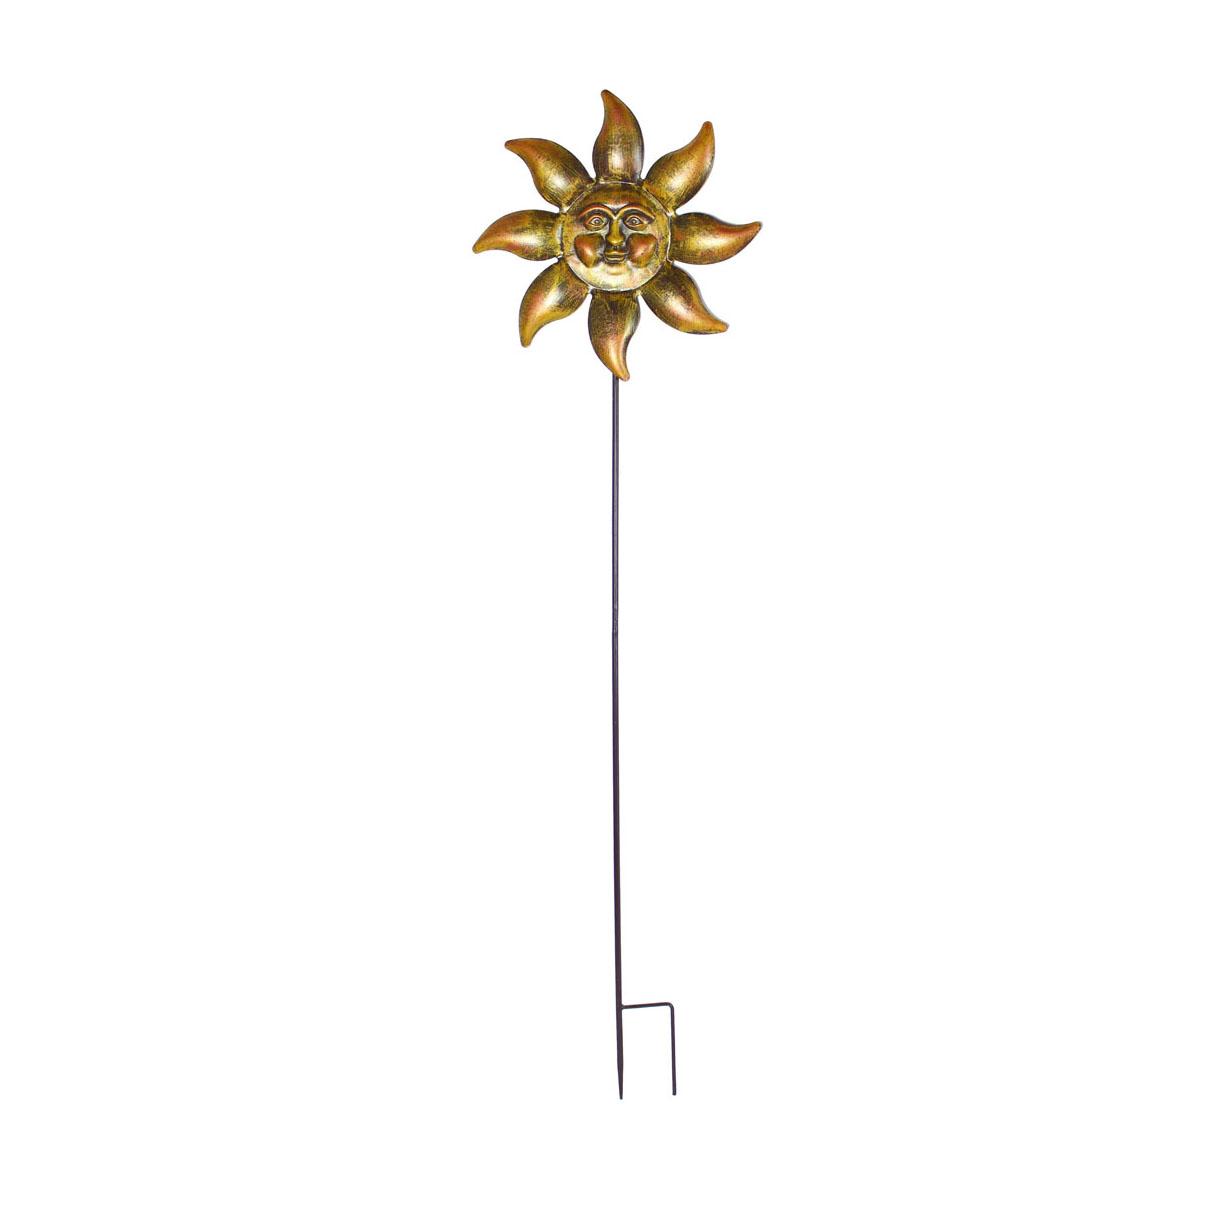 Декоративный садовый штекер 'Солнце' (05595)